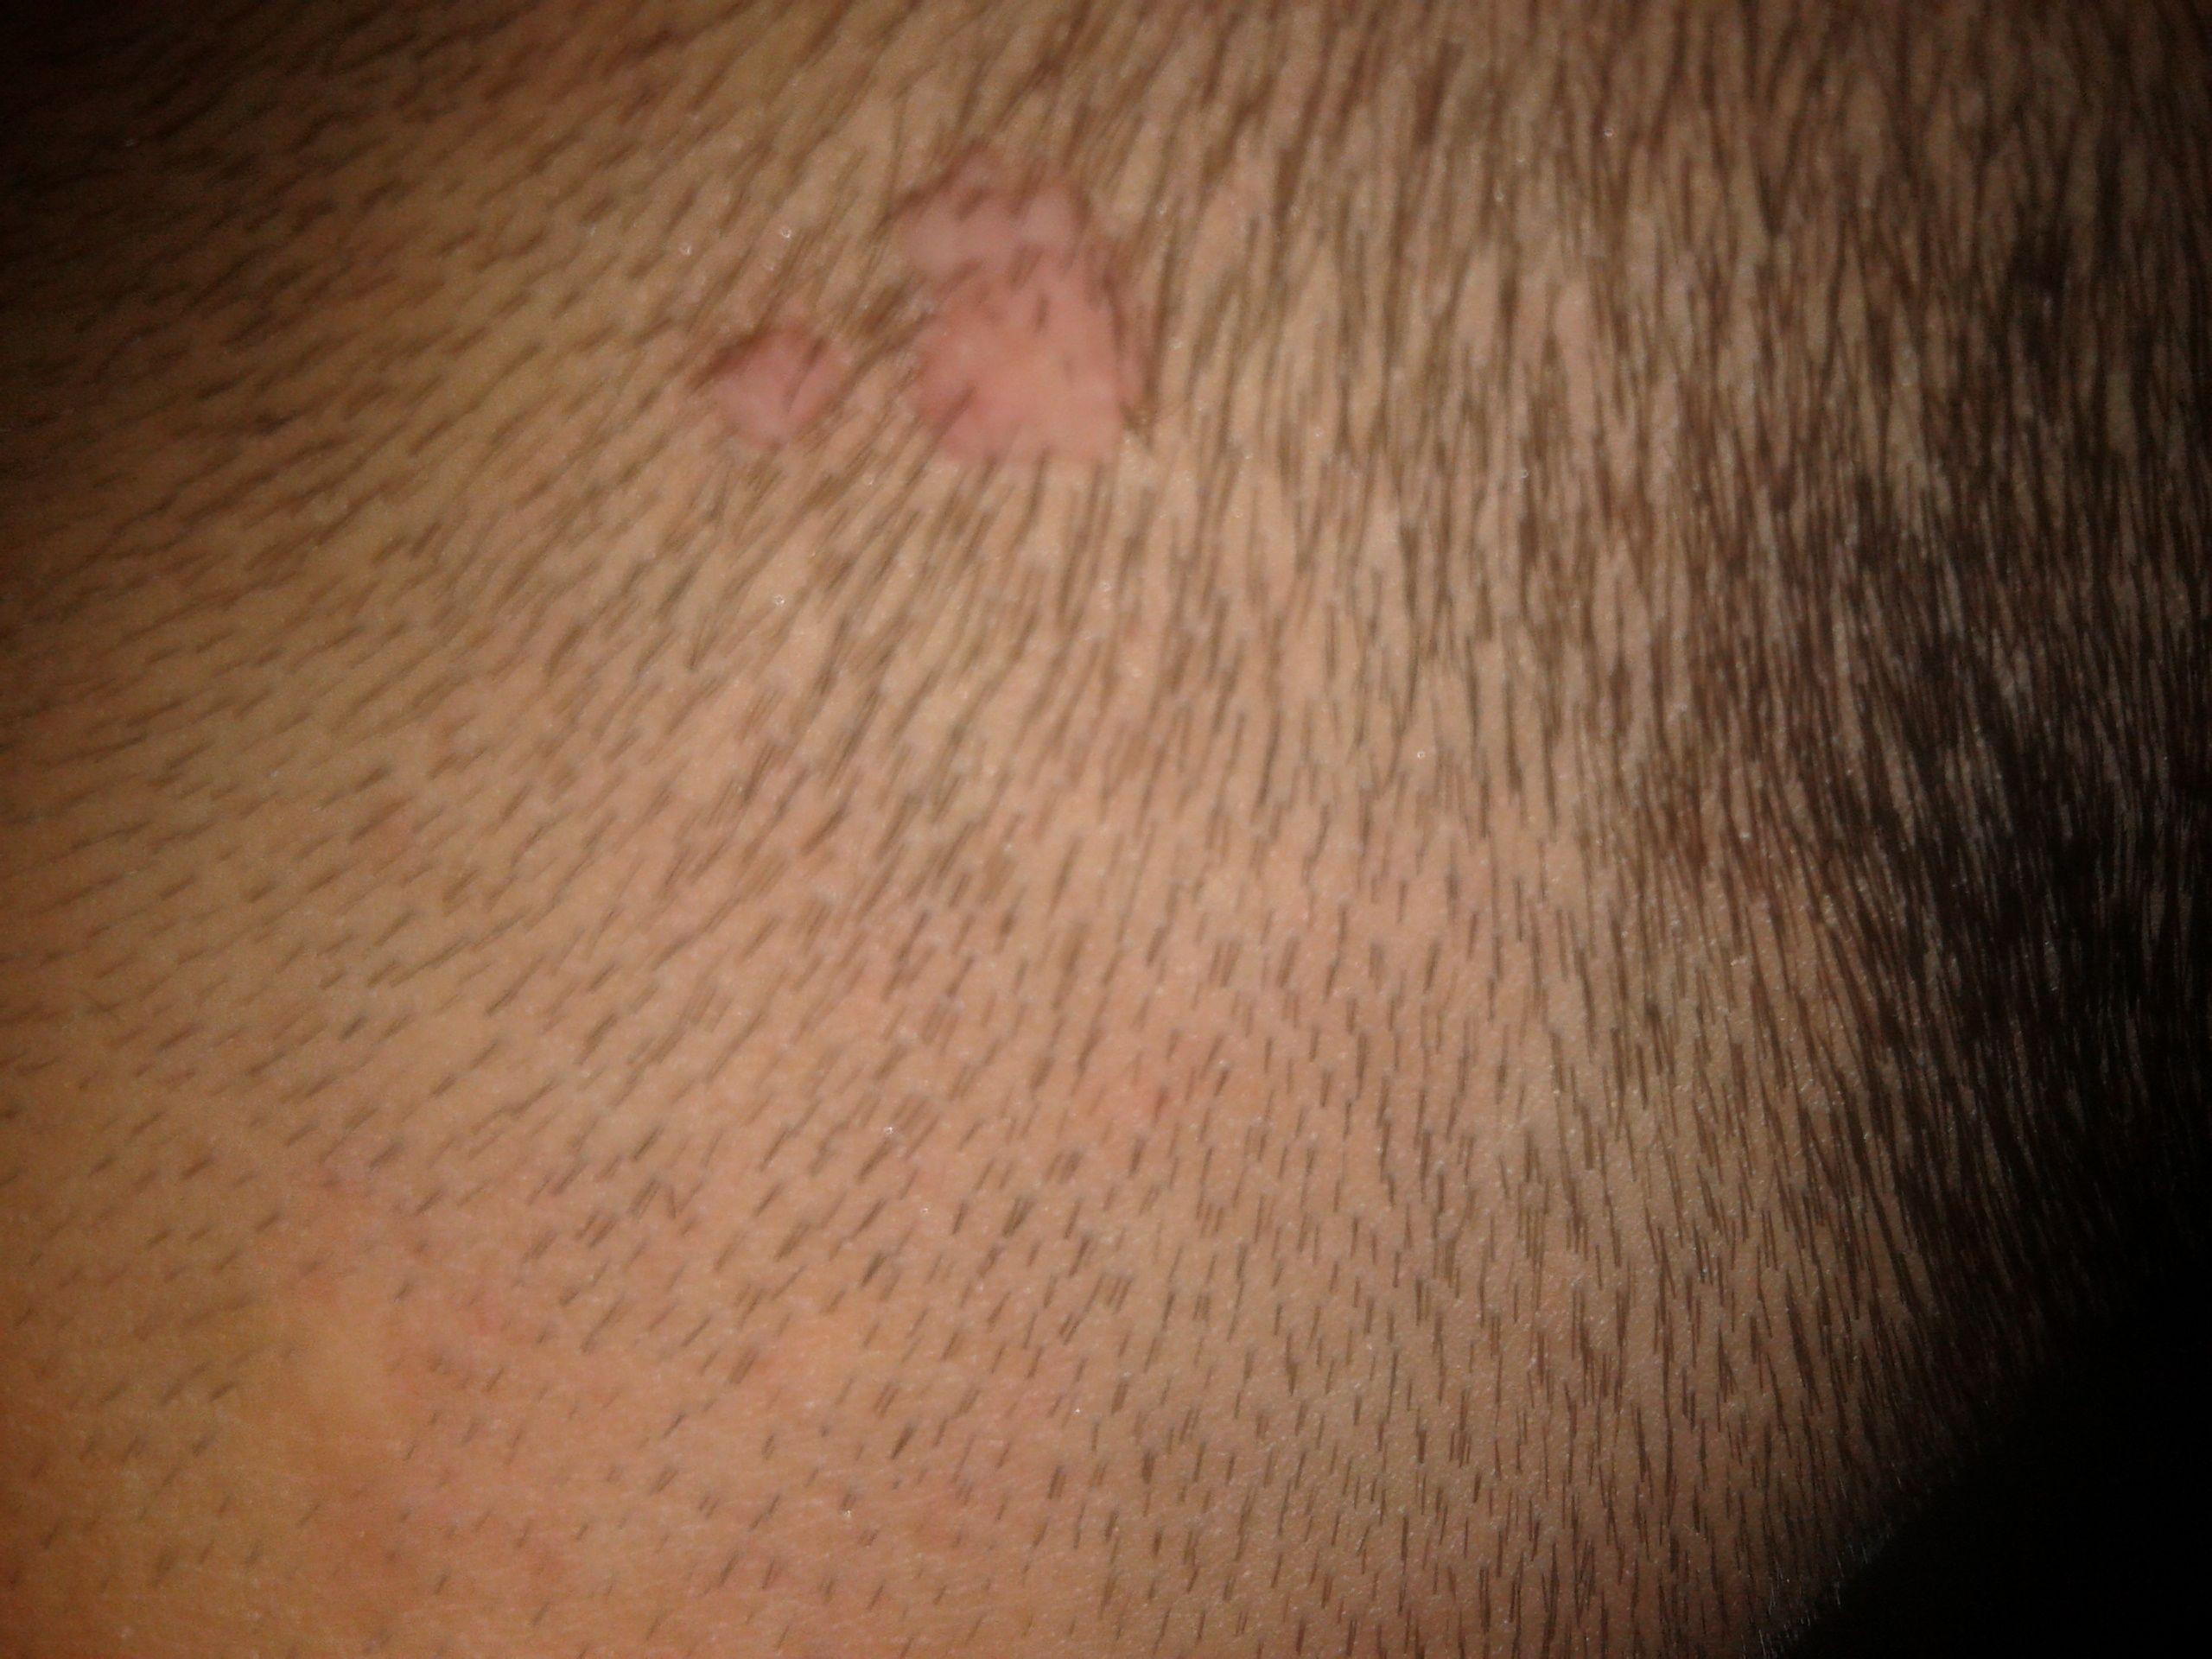 头上长了个痂, 不疼不痒, 有两年了,不知道是什么图片